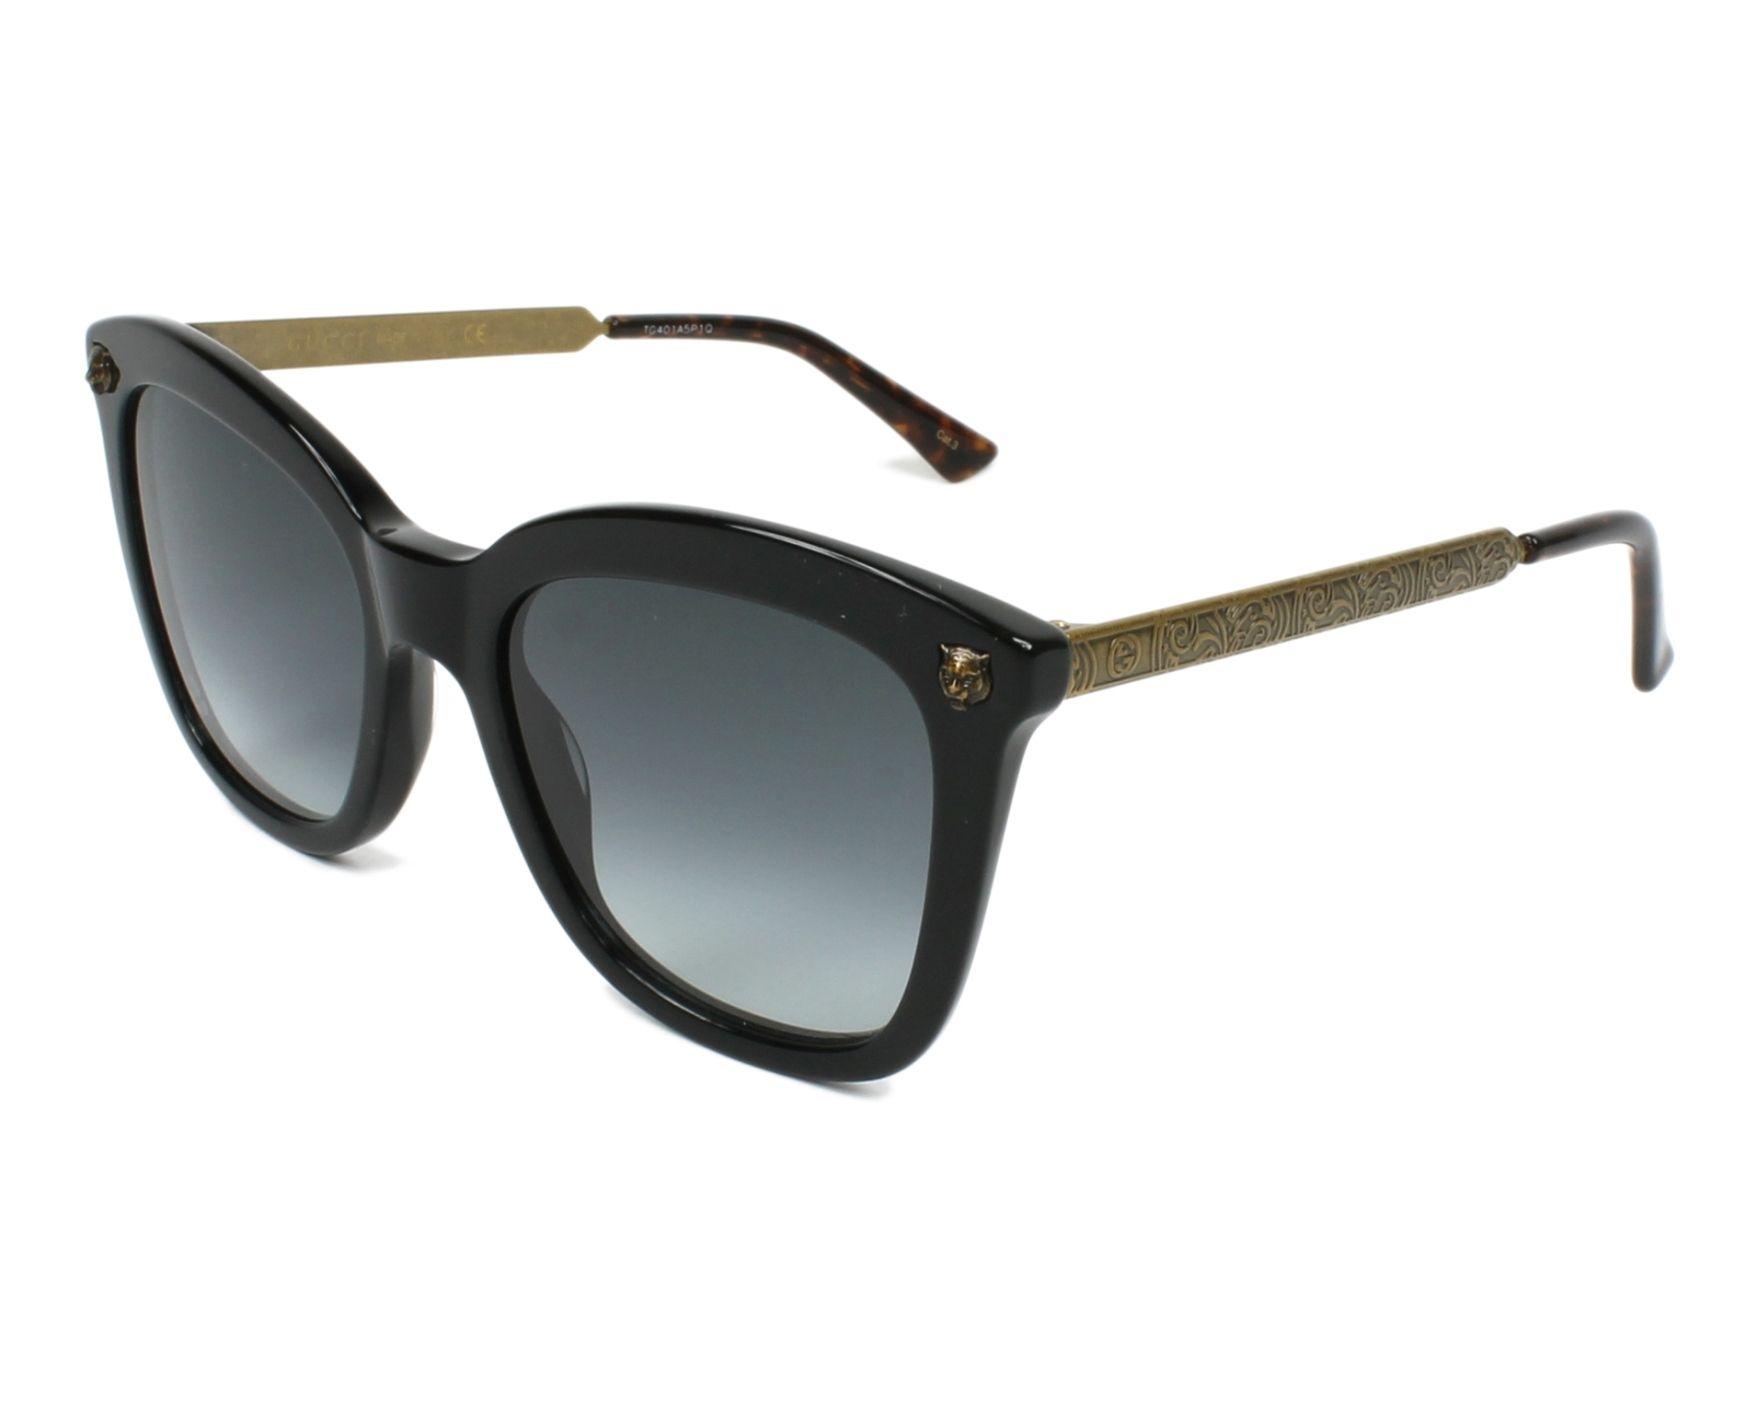 4394d0703e3 Lunettes de soleil Gucci GG-0217-S 001 - Noir Laiton vue de profil